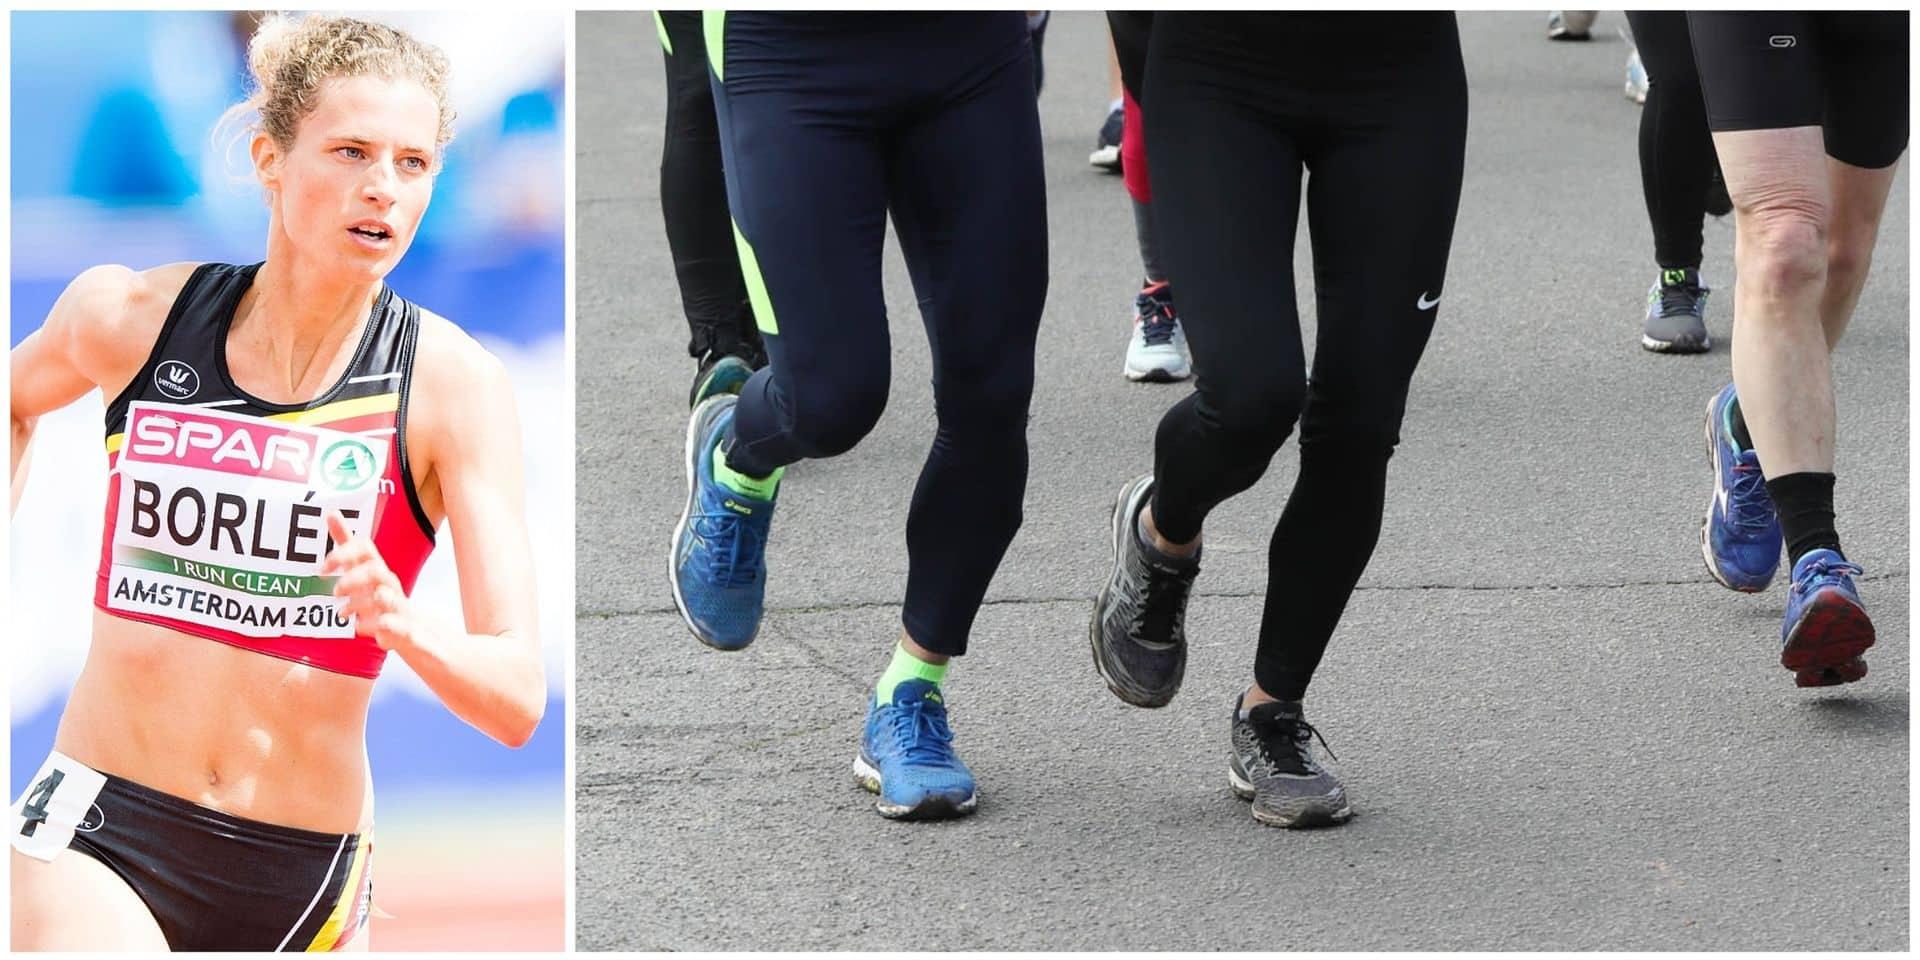 """Les conseils d'Olivia Borlée à ceux qui veulent se mettre au sport: """"Se fixer des objectifs est primordial, peu importe le niveau"""""""